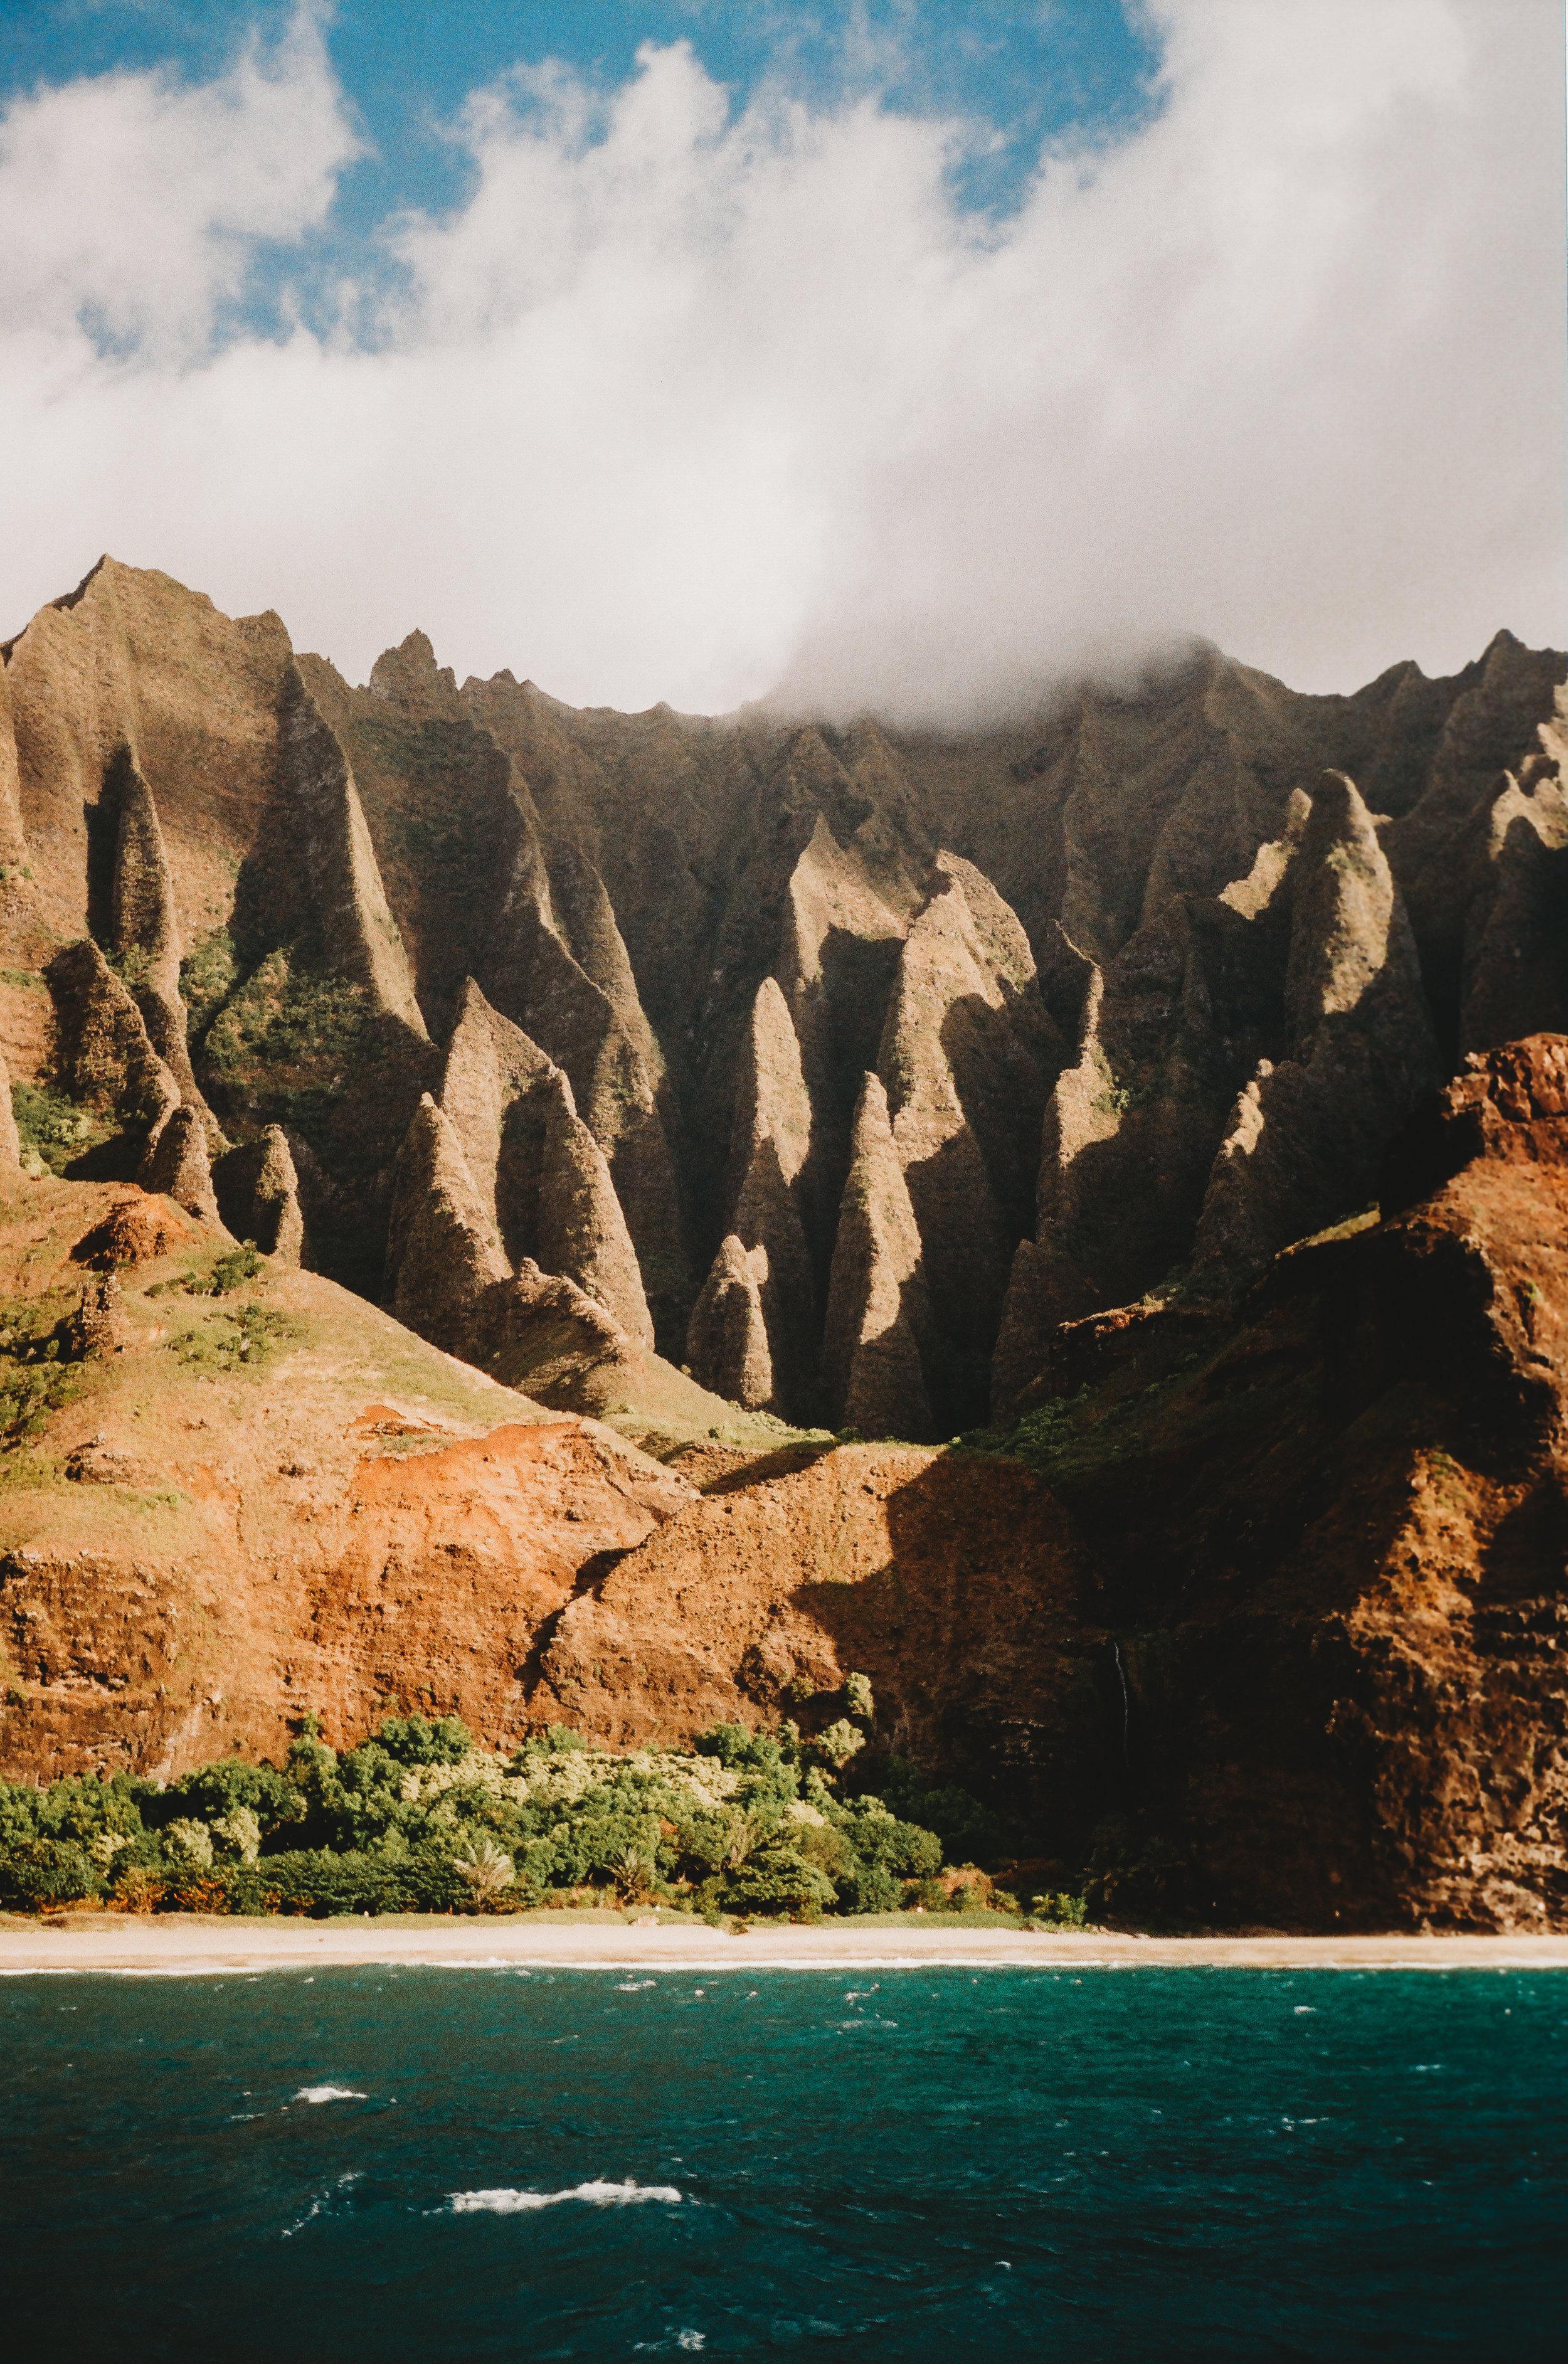 Kauai, HI 2018